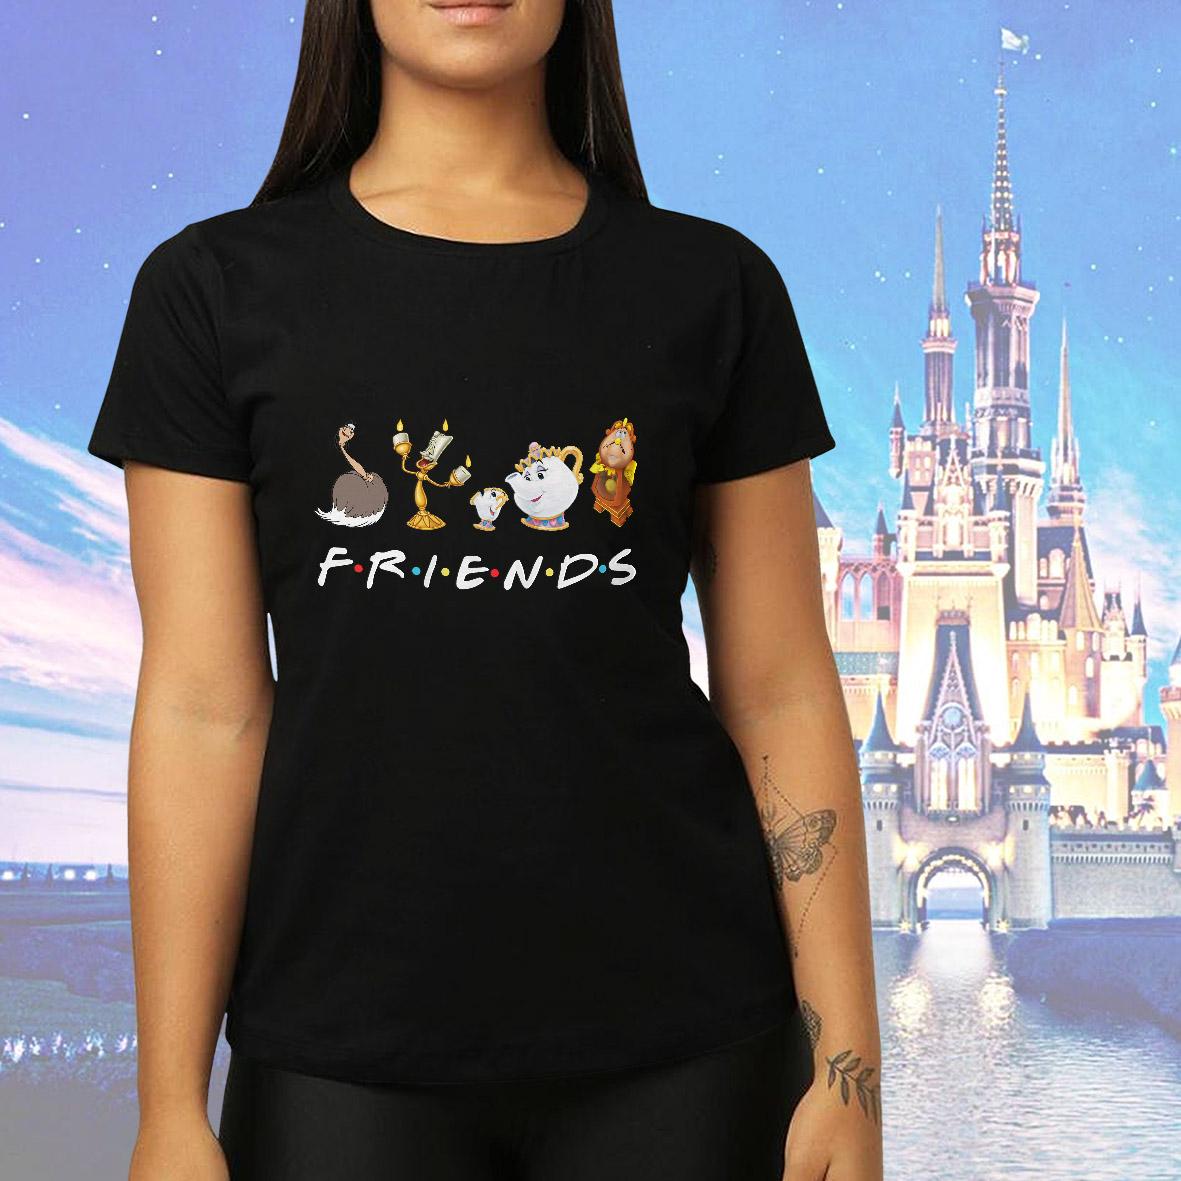 Camiseta Feminina Unissex Friends Personagens Disney (Preta) - EV